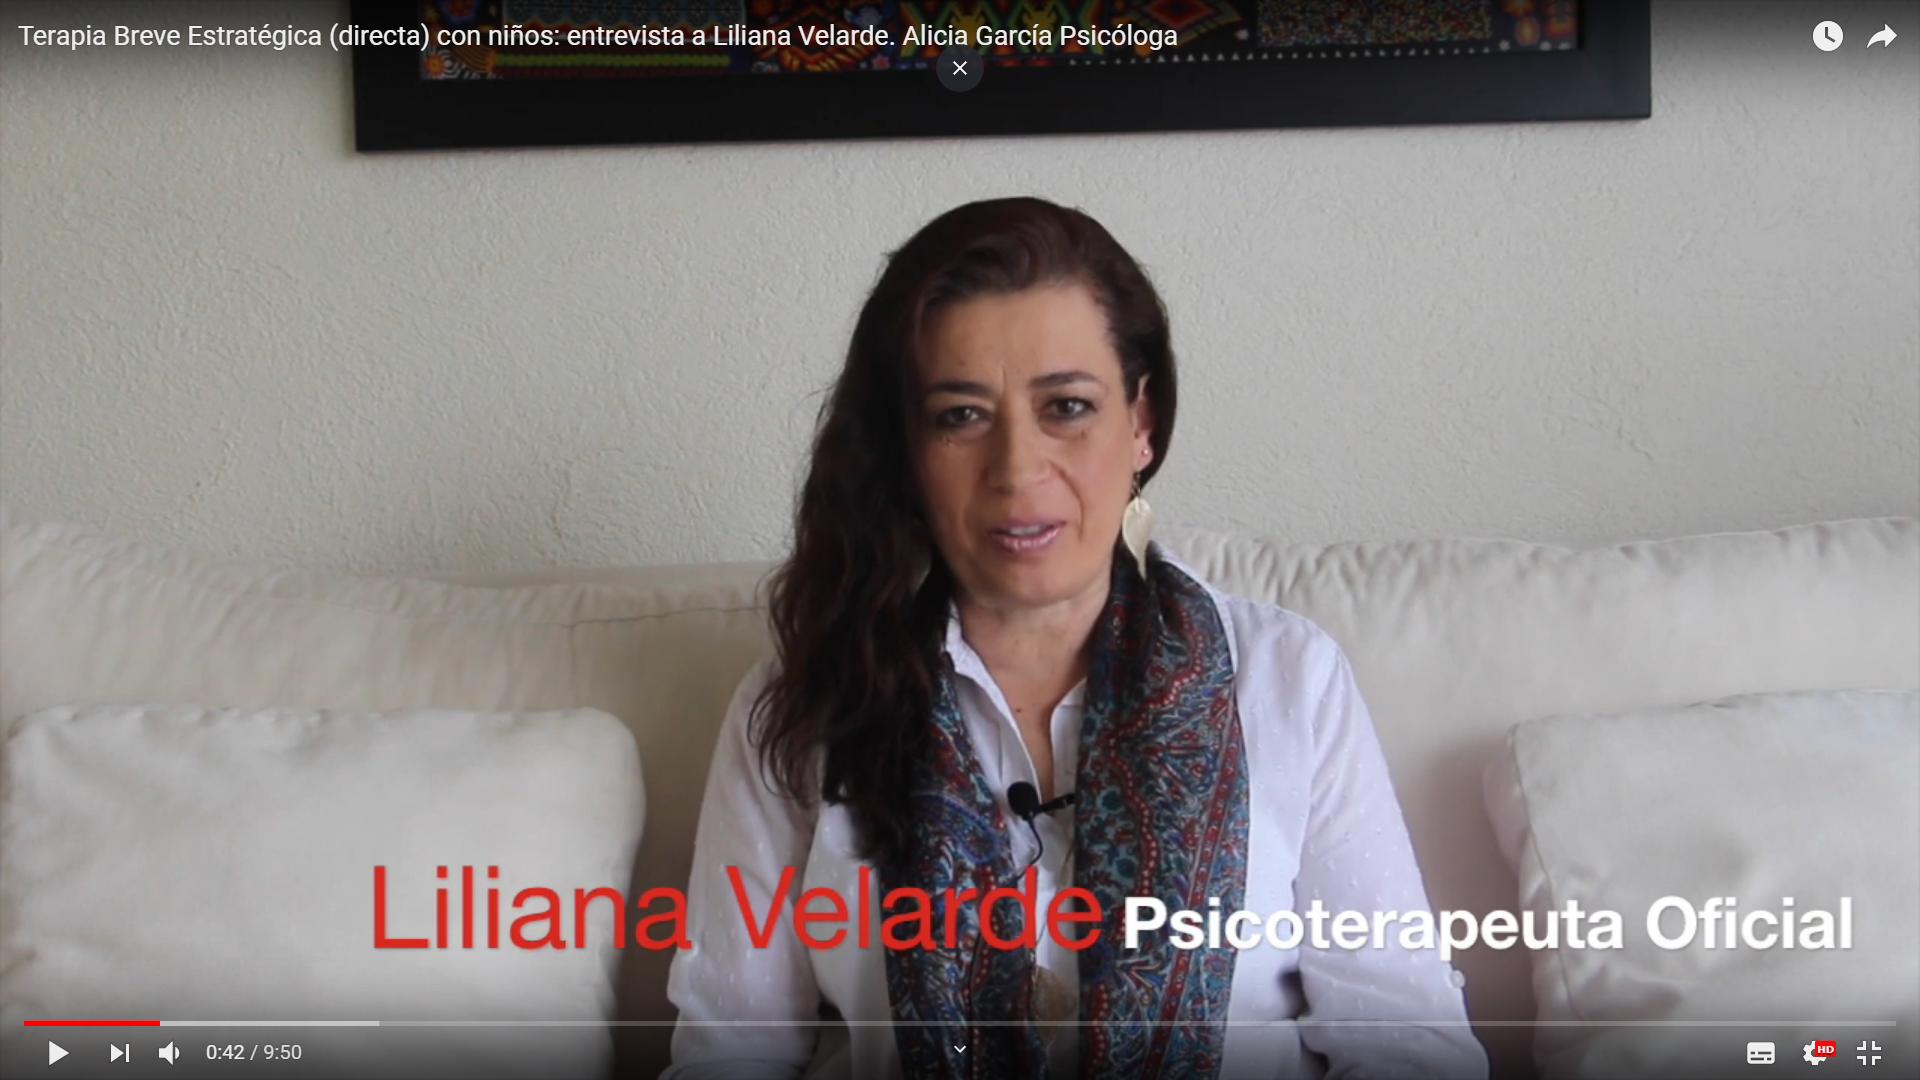 Terapia con niños: Liliana Velarde